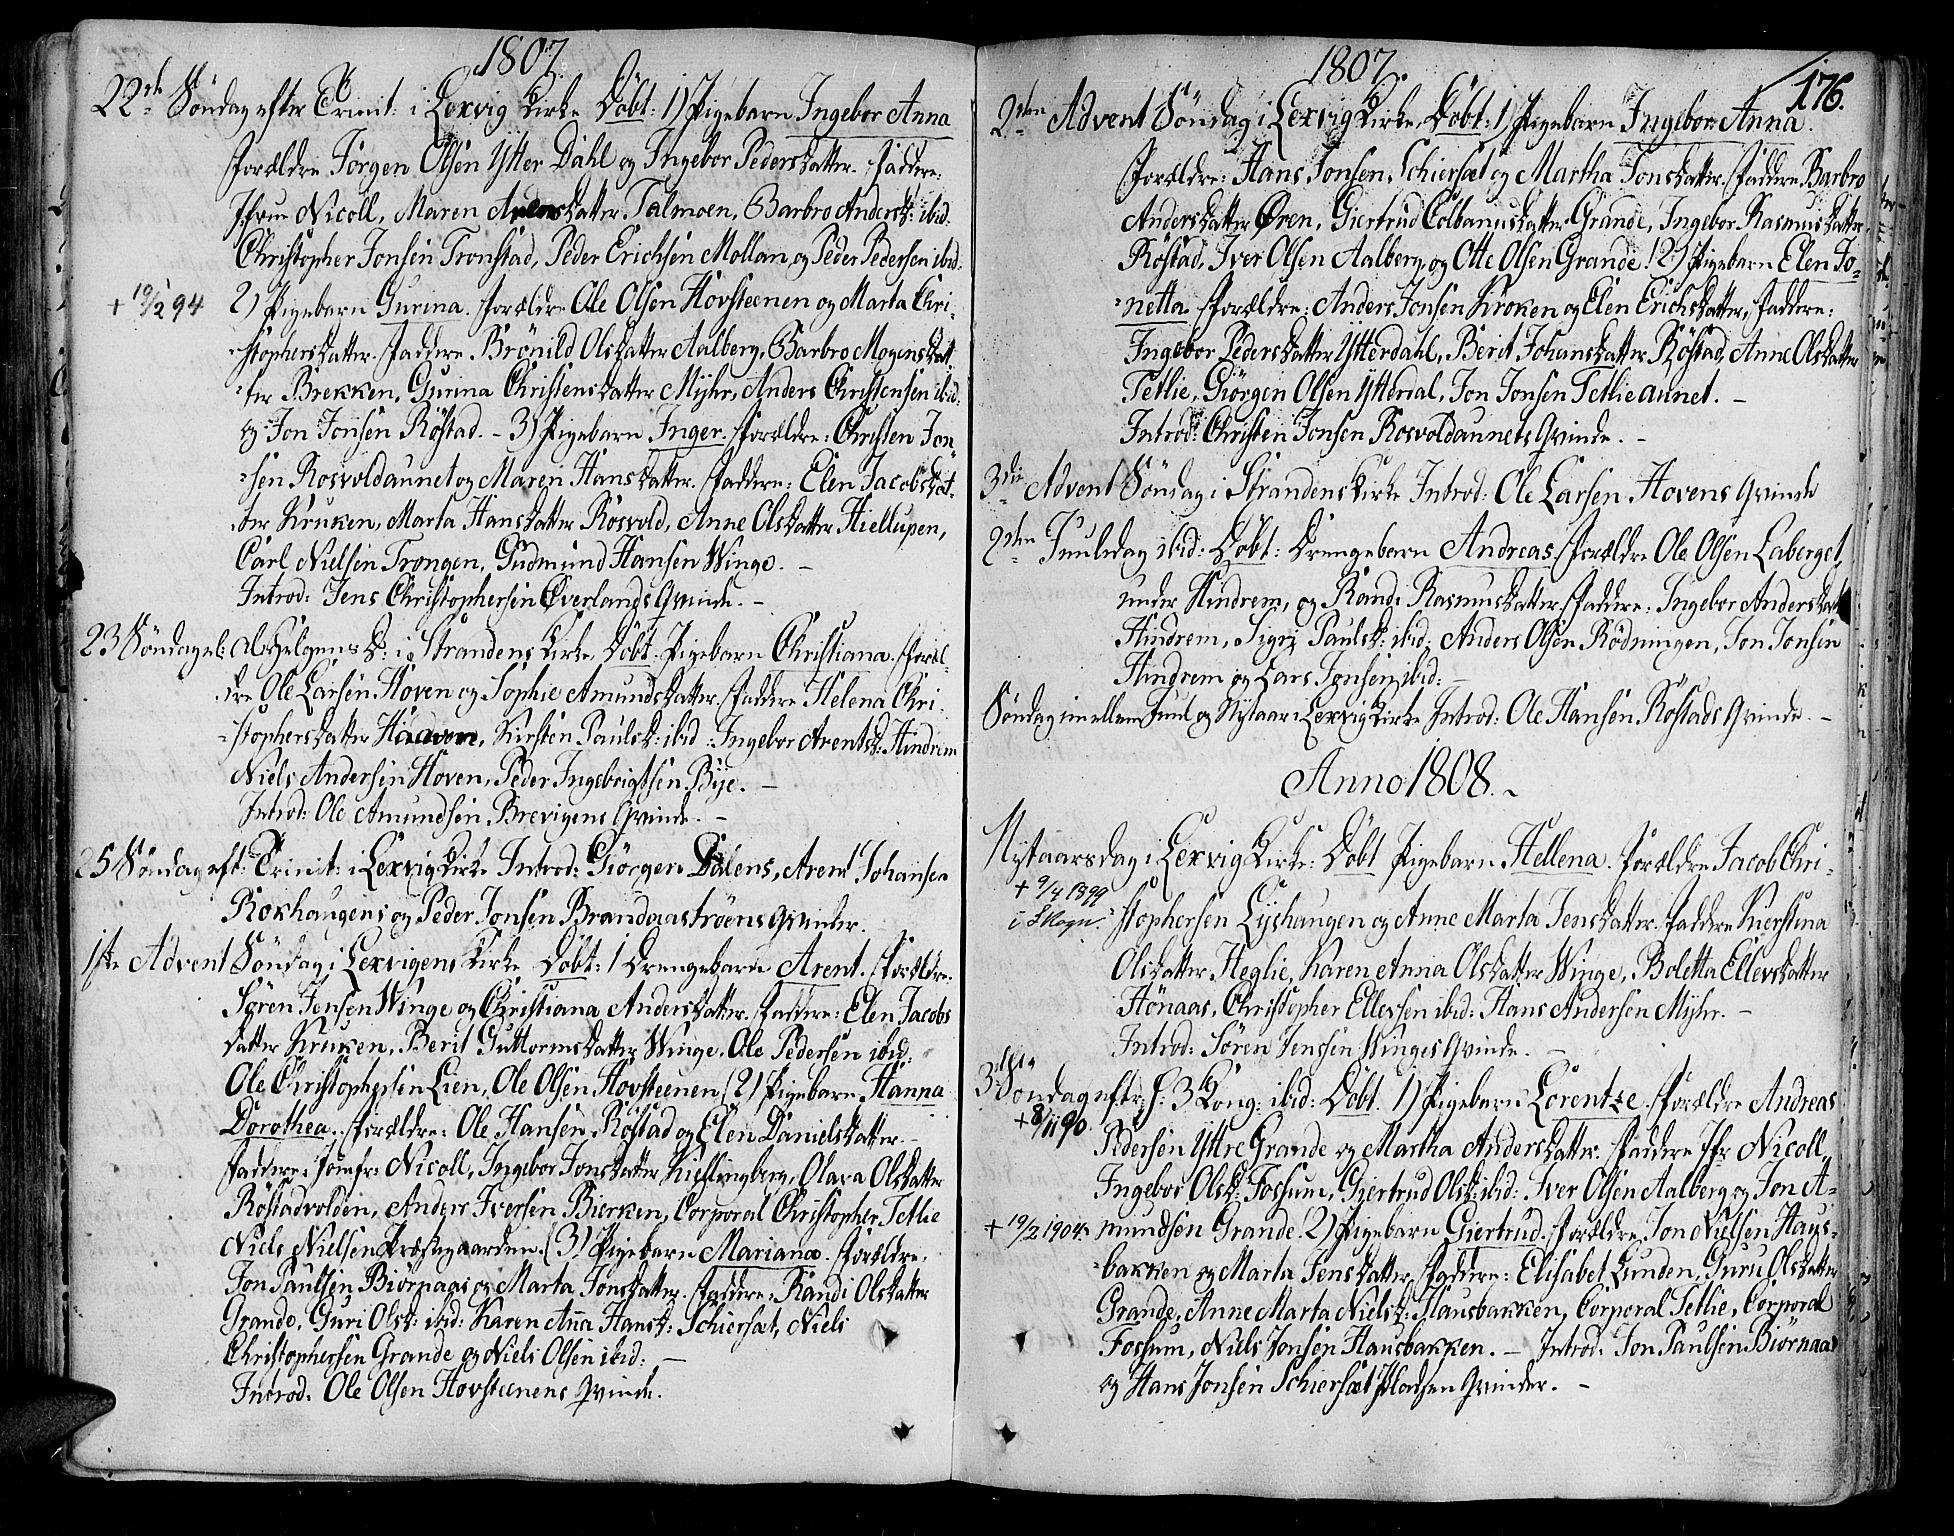 SAT, Ministerialprotokoller, klokkerbøker og fødselsregistre - Nord-Trøndelag, 701/L0004: Ministerialbok nr. 701A04, 1783-1816, s. 176